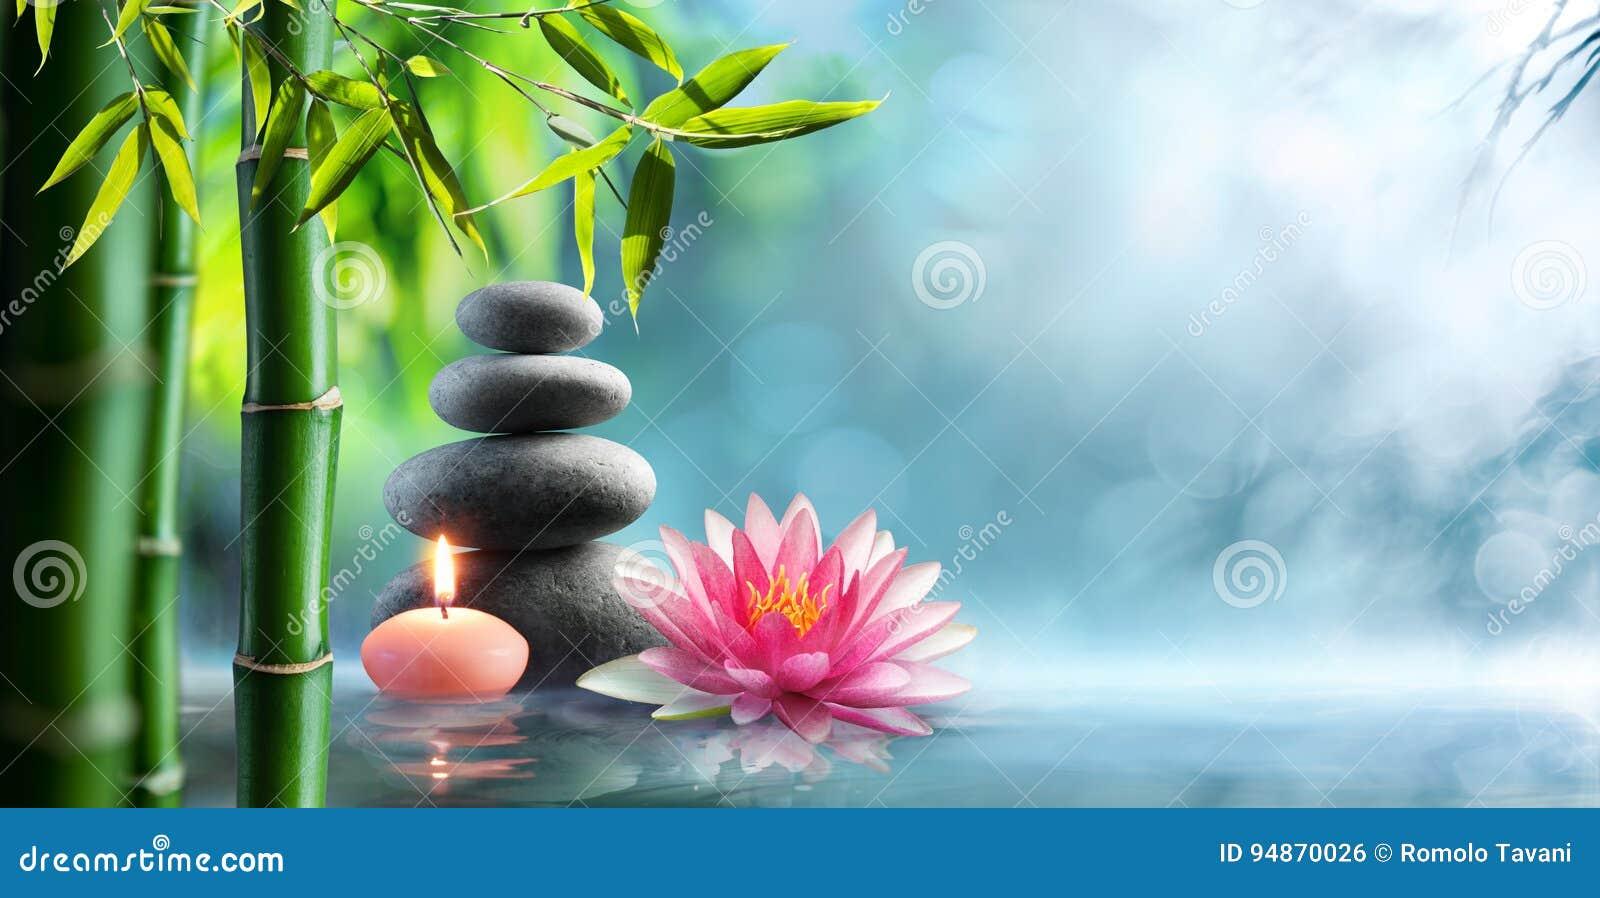 Balneario - terapia alternativa natural con las piedras y Waterlily del masaje